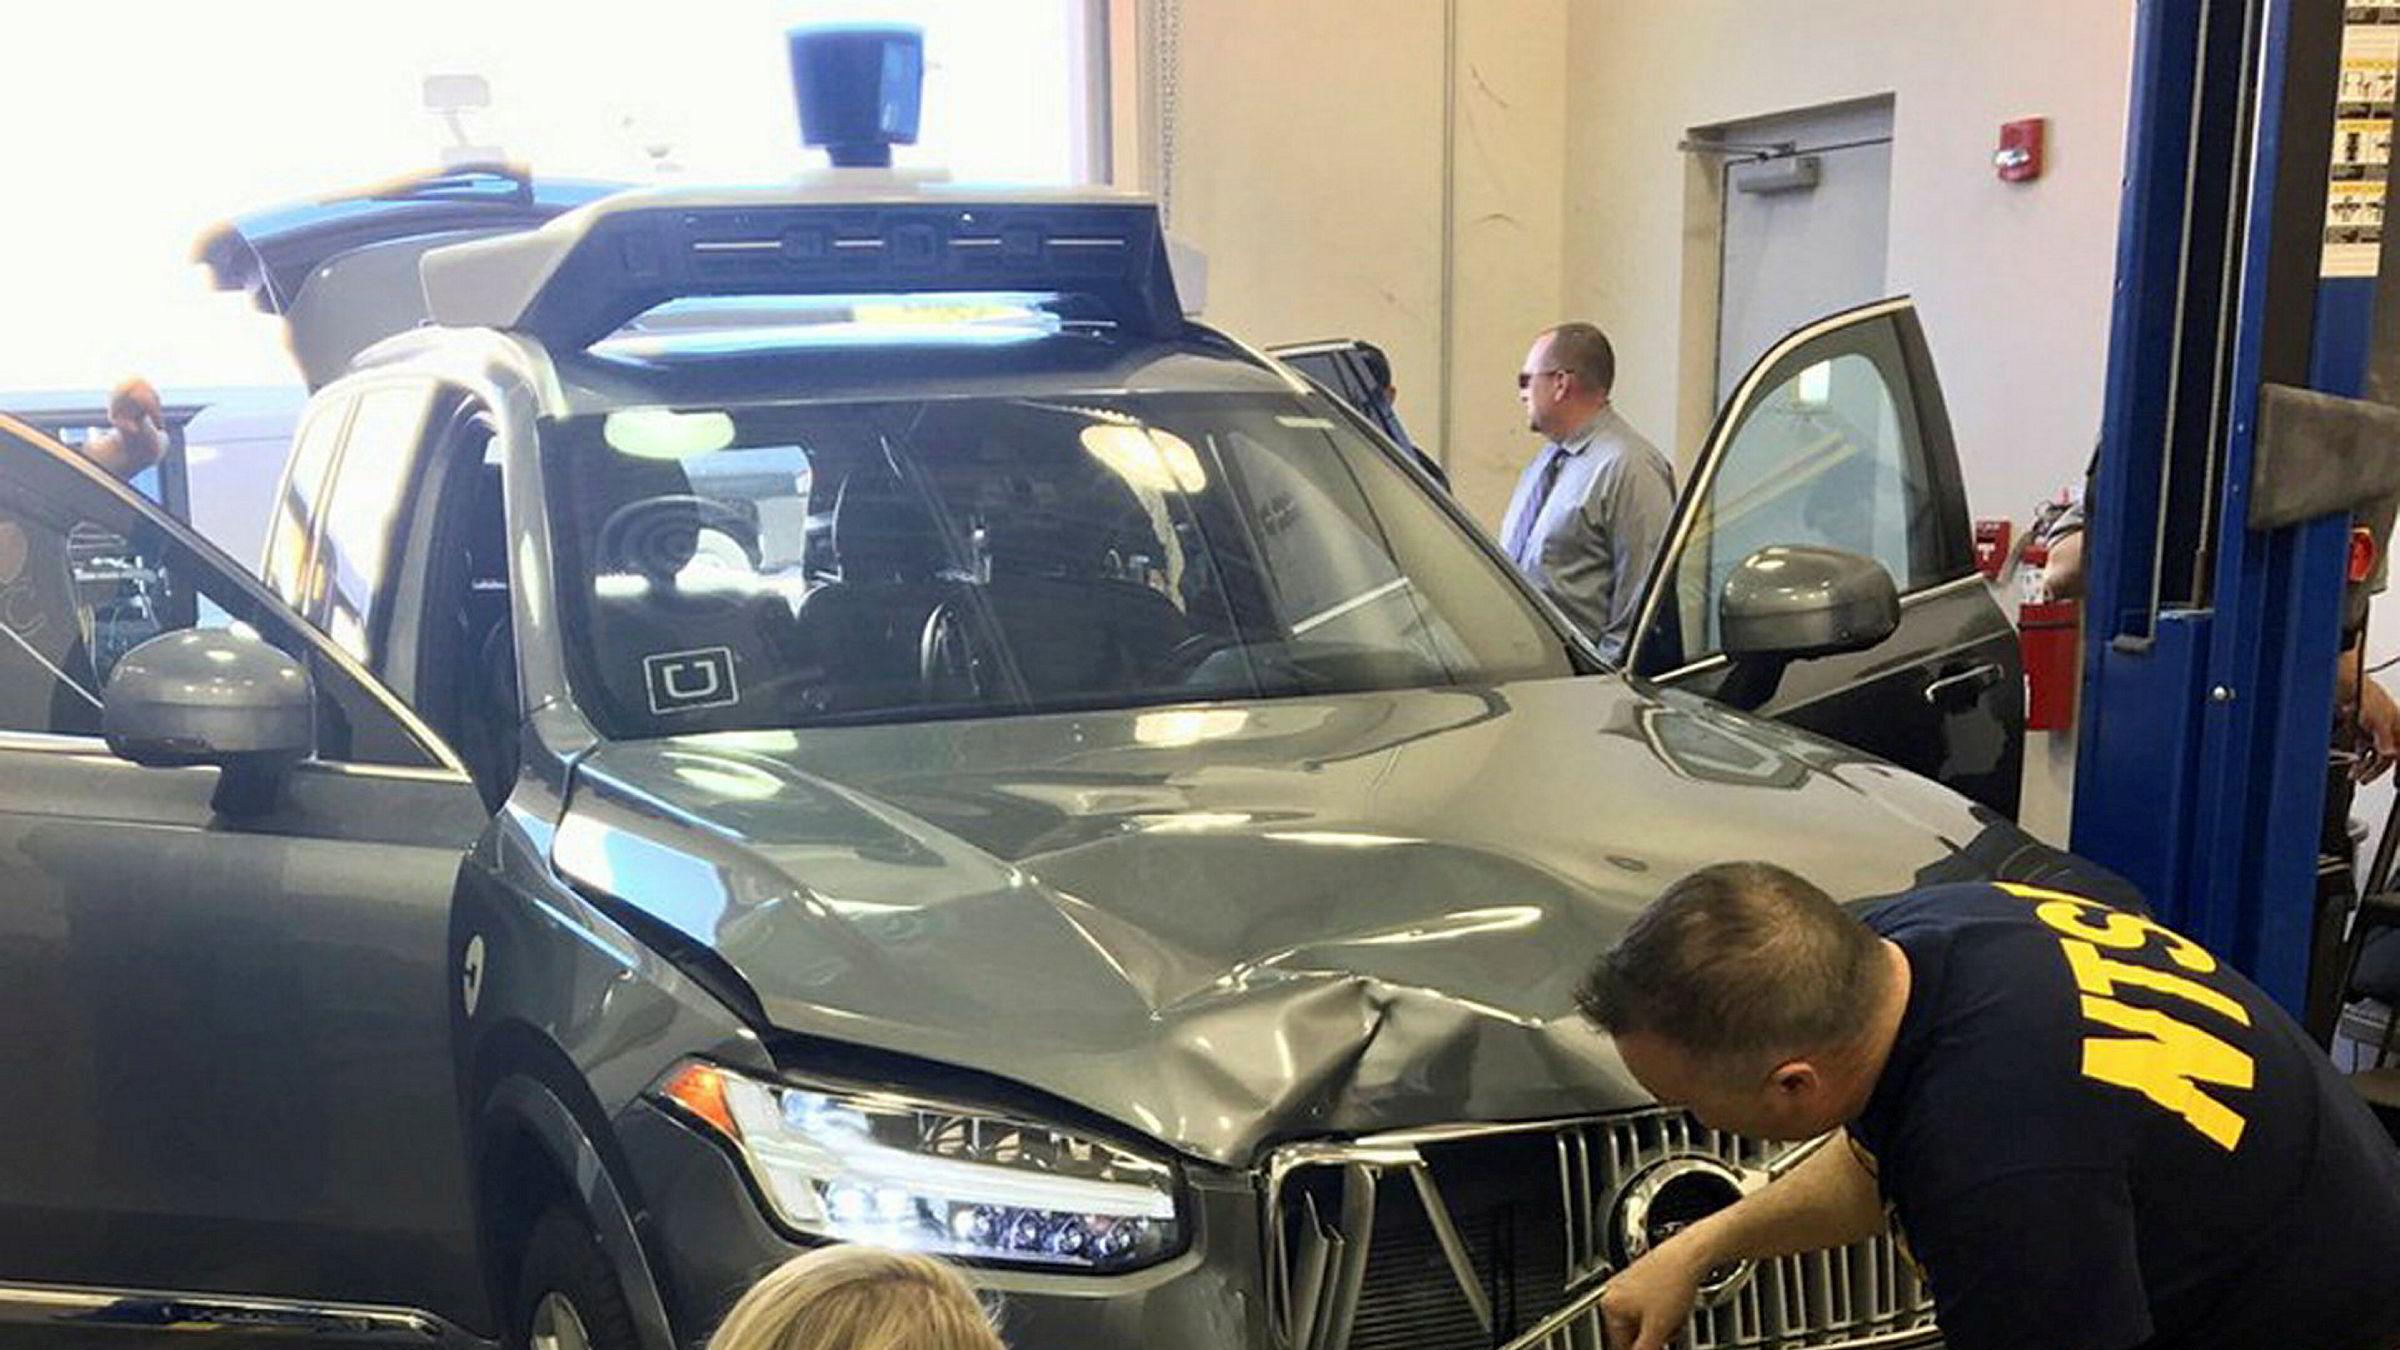 Ubers selvkjørende bil, som var involvert i en dødsulykke forrige søndag.